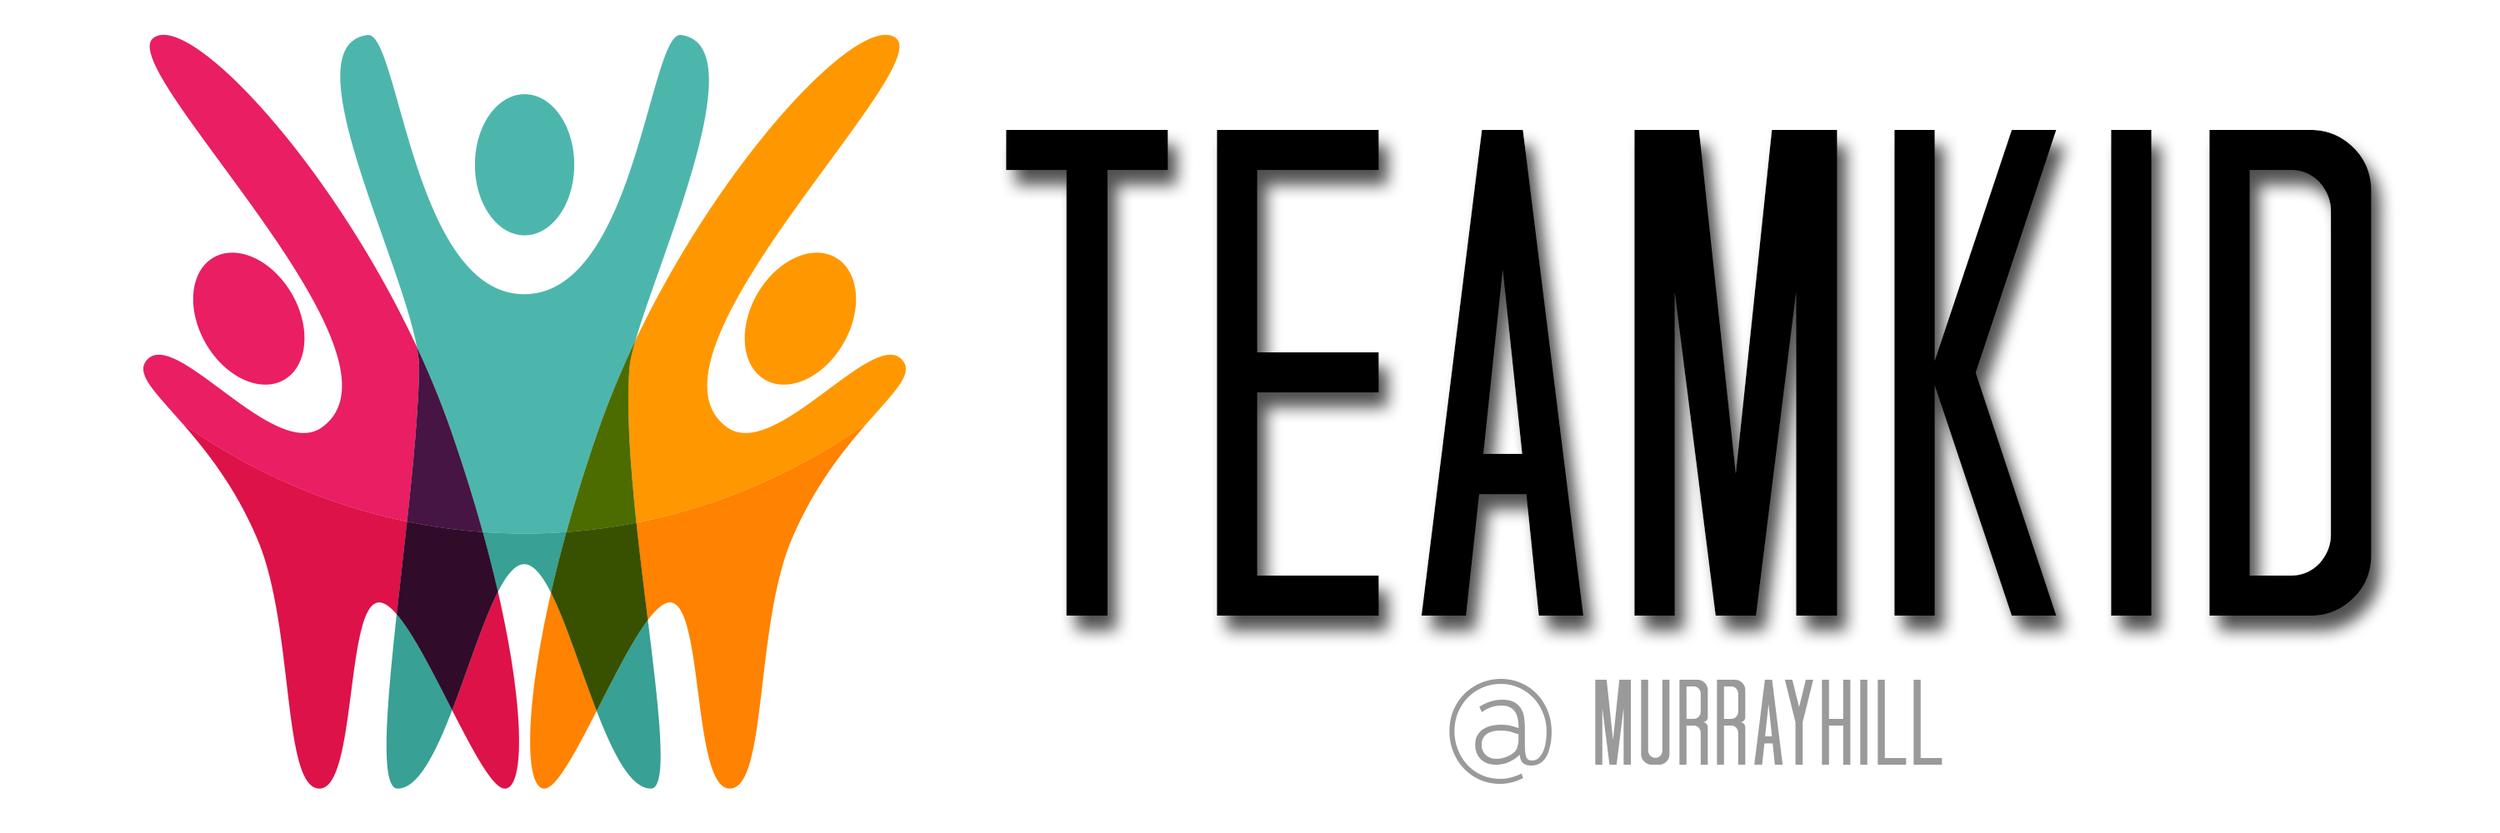 mhbc  Teamkid.png